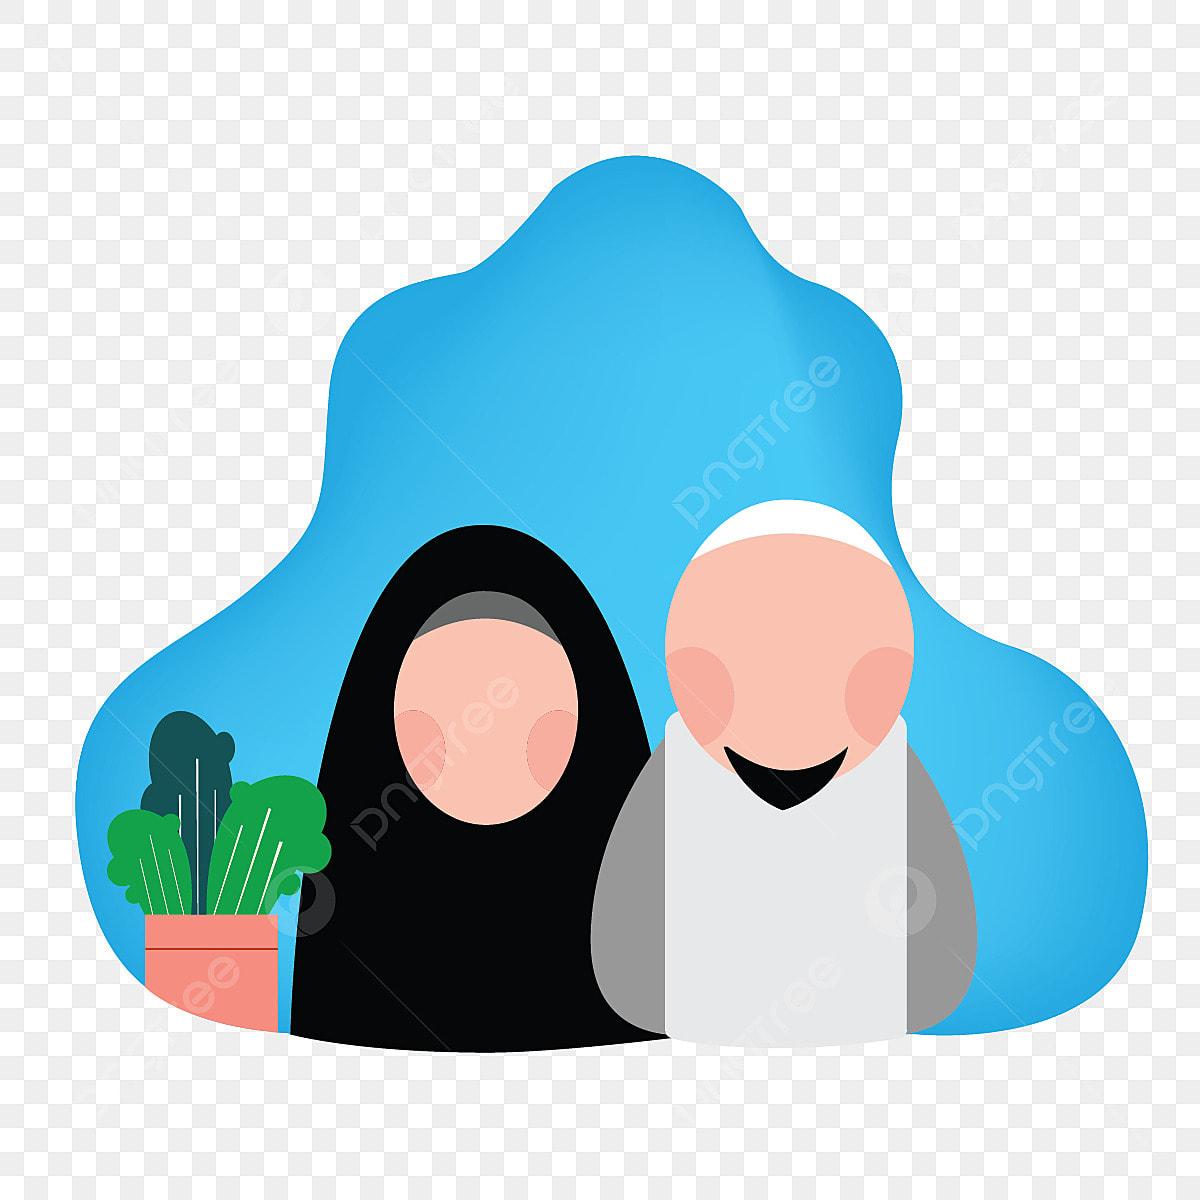 Gambar Ilustrasi Keluarga Muslim Vektor Ilustrasi Keluarga Png Dan Vektor Untuk Muat Turun Percuma